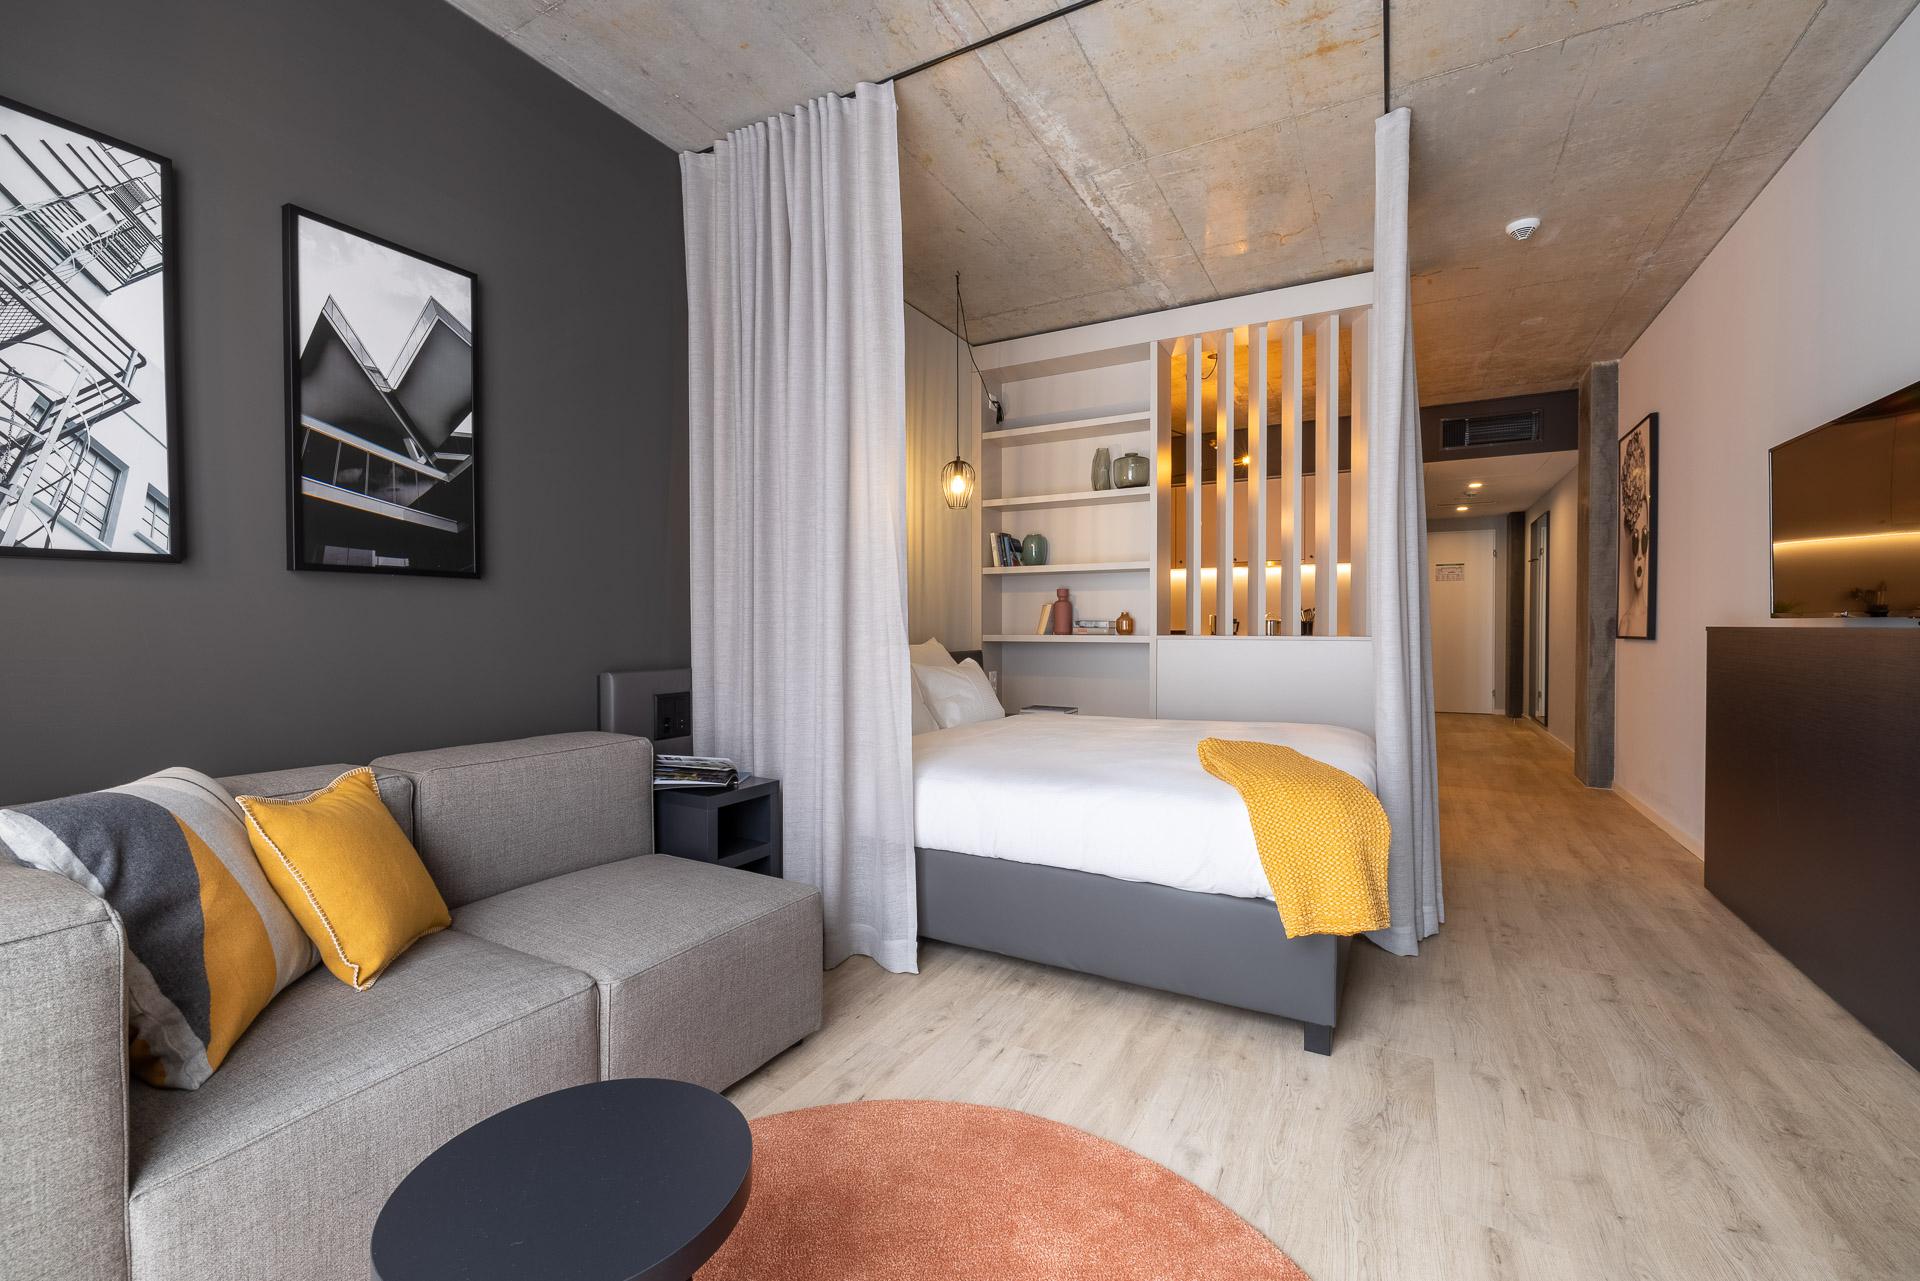 Studio Apartment mit Sofa, Bett, Regal und Raumtrenner